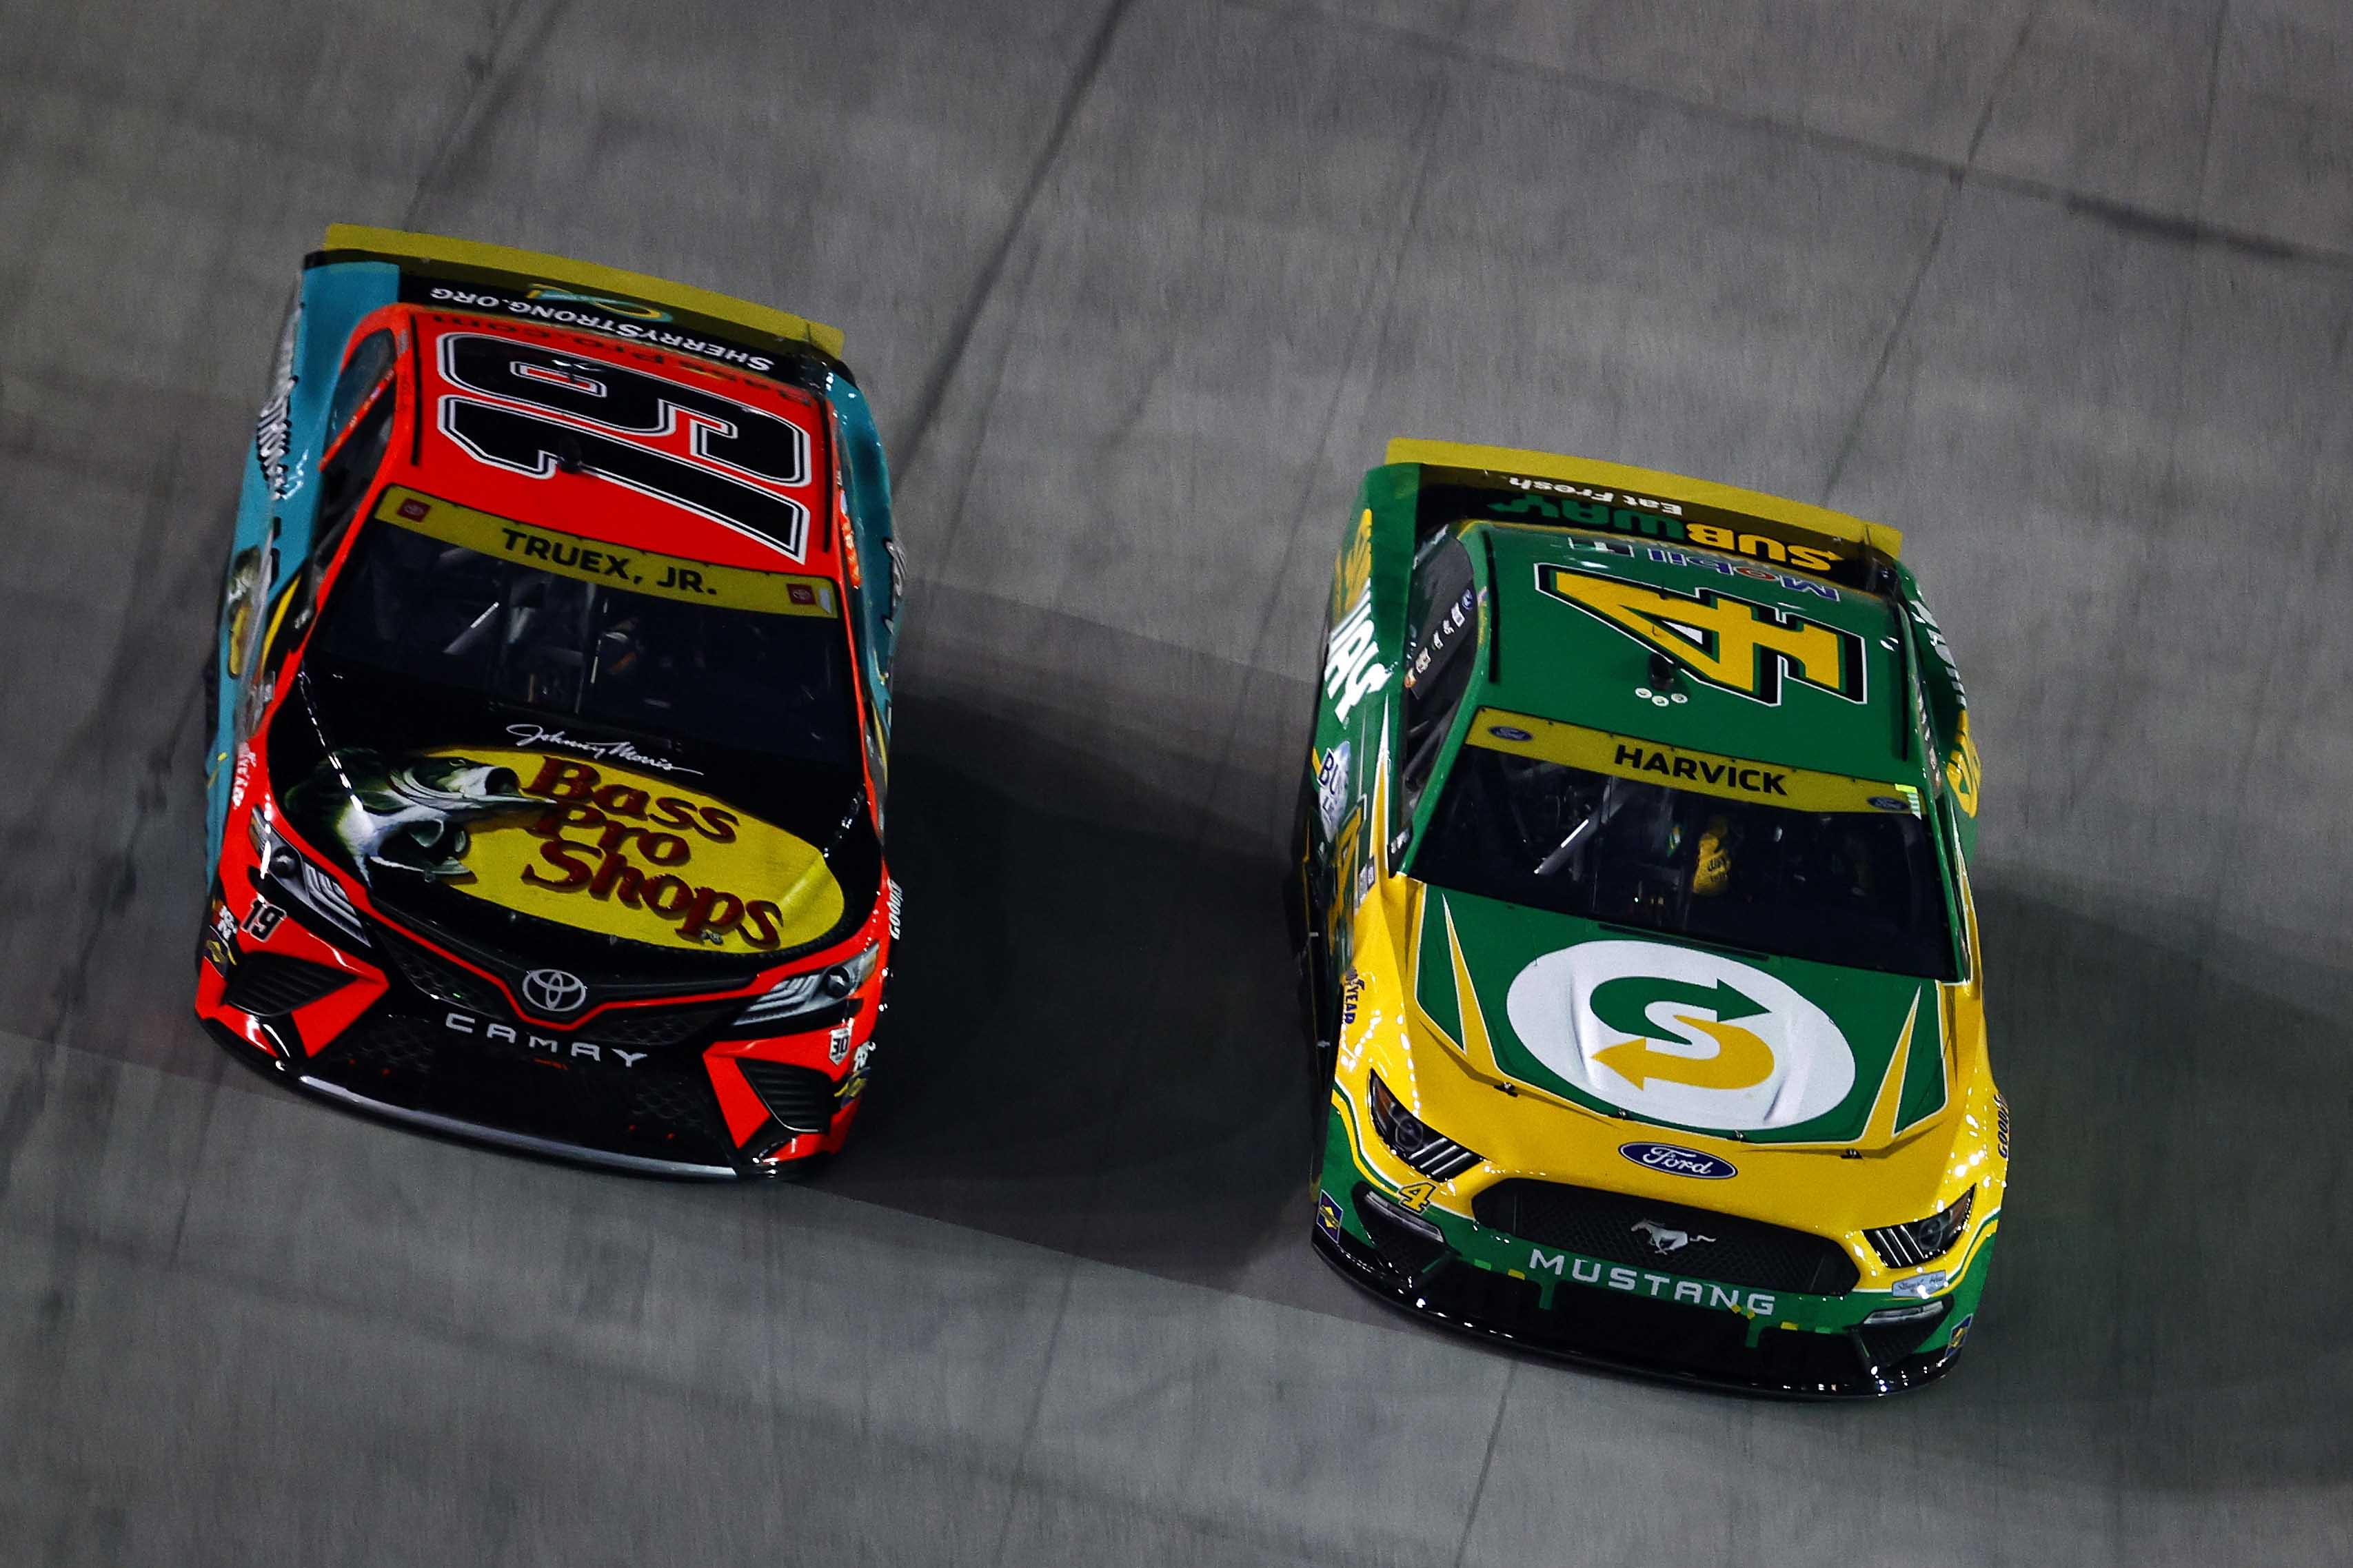 Kevin Harvick, Martin Truex Jr - Bristol Motor Speedway - NASCAR Cup Series